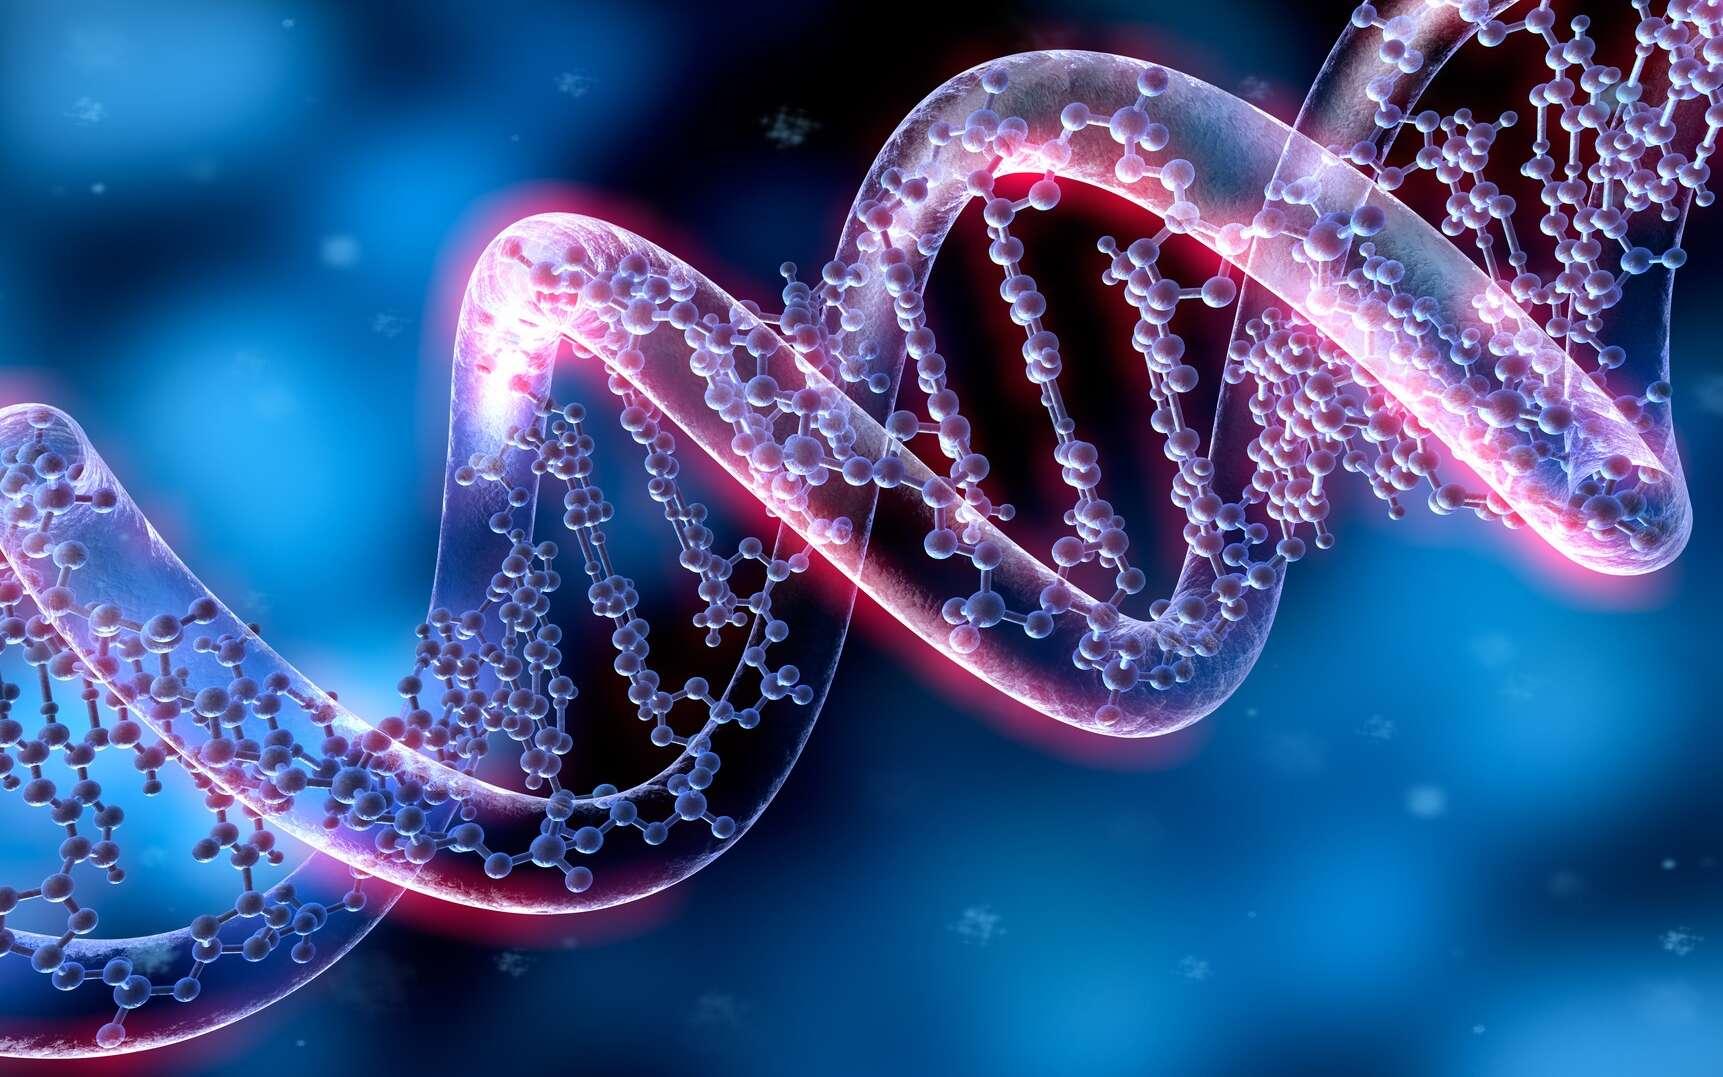 L'outil de modification simplifiée du génome est-il sans danger ? © psdesign1, Fotolia